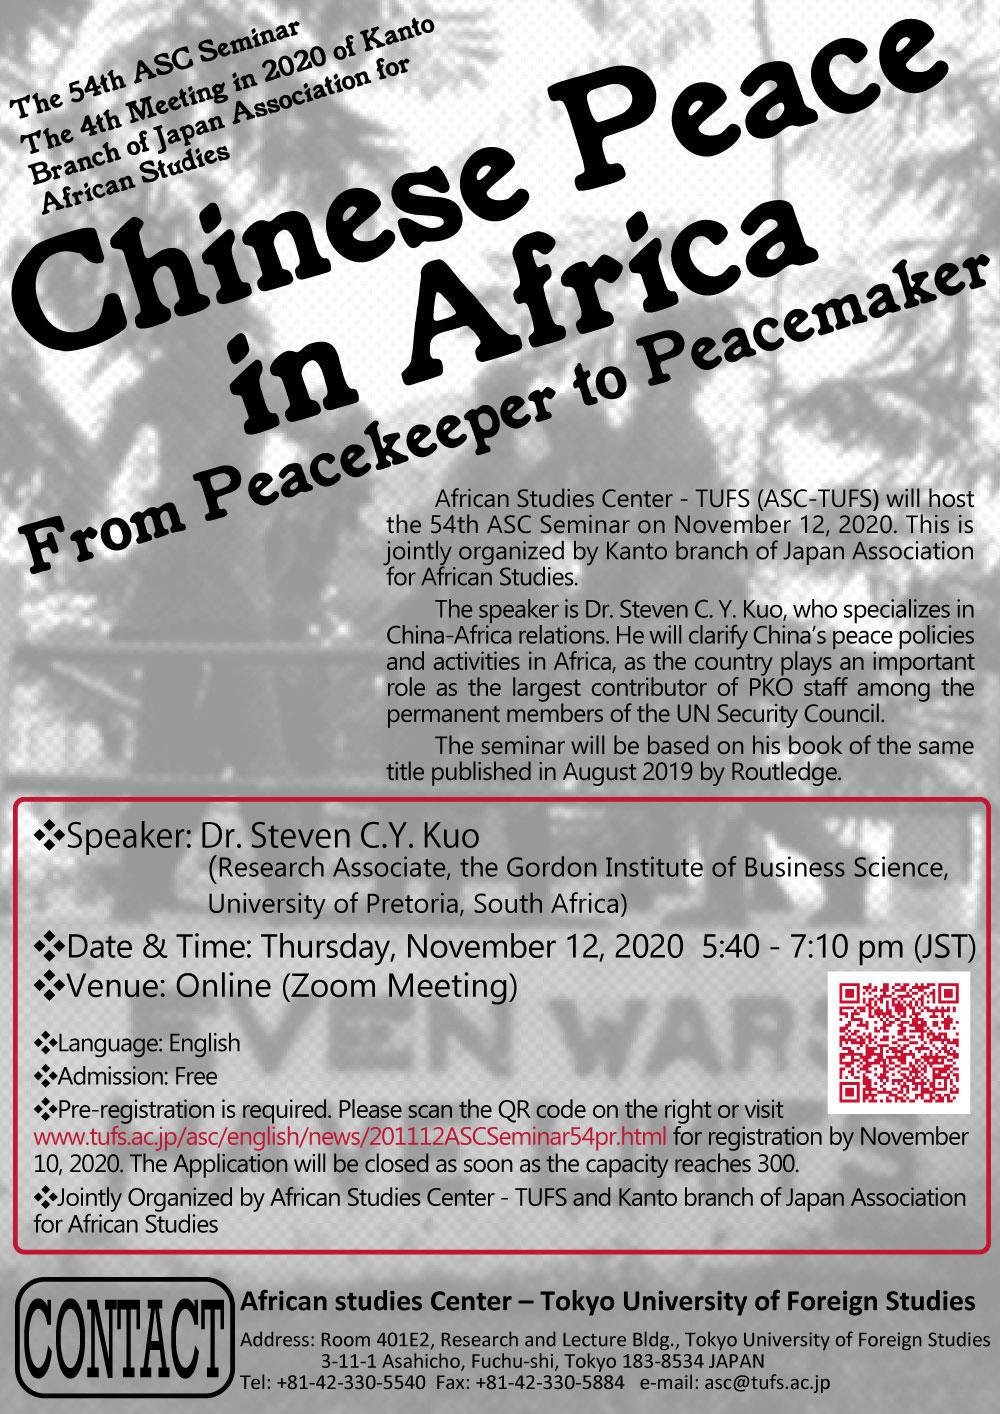 中国・アフリカ関係専門の研究者を招いてセミナーを開催します